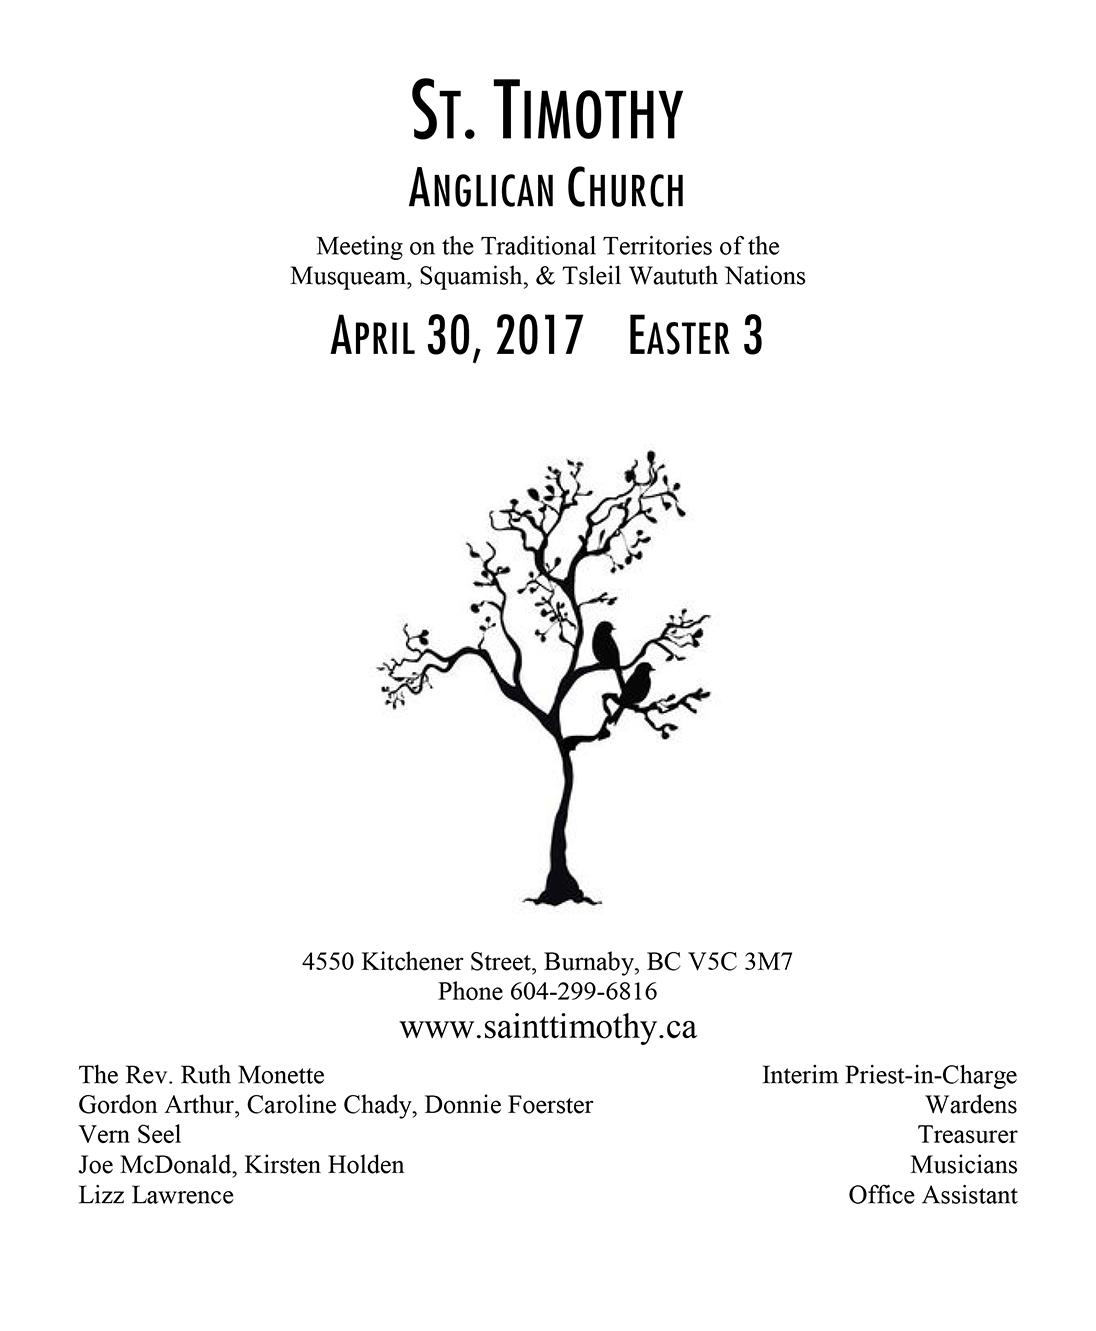 Bulletin: April 30, 2017